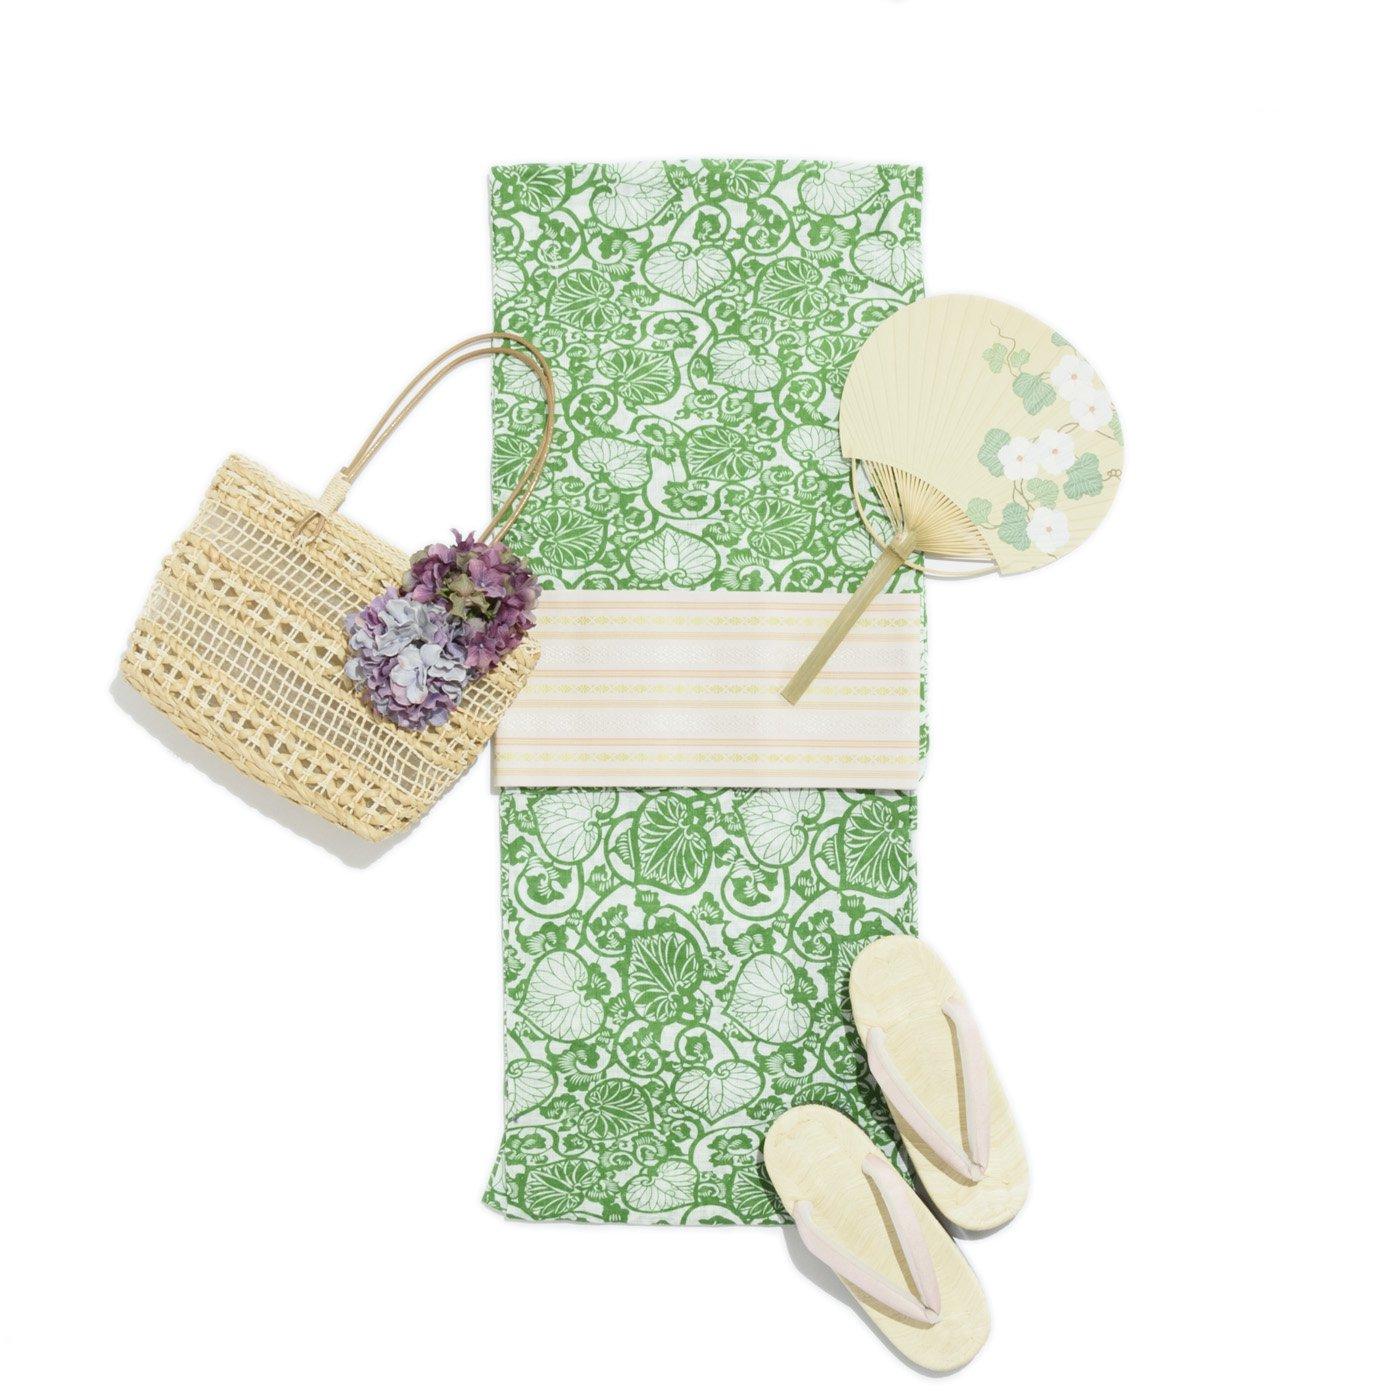 「2017新作浴衣 葵の葉」の商品画像